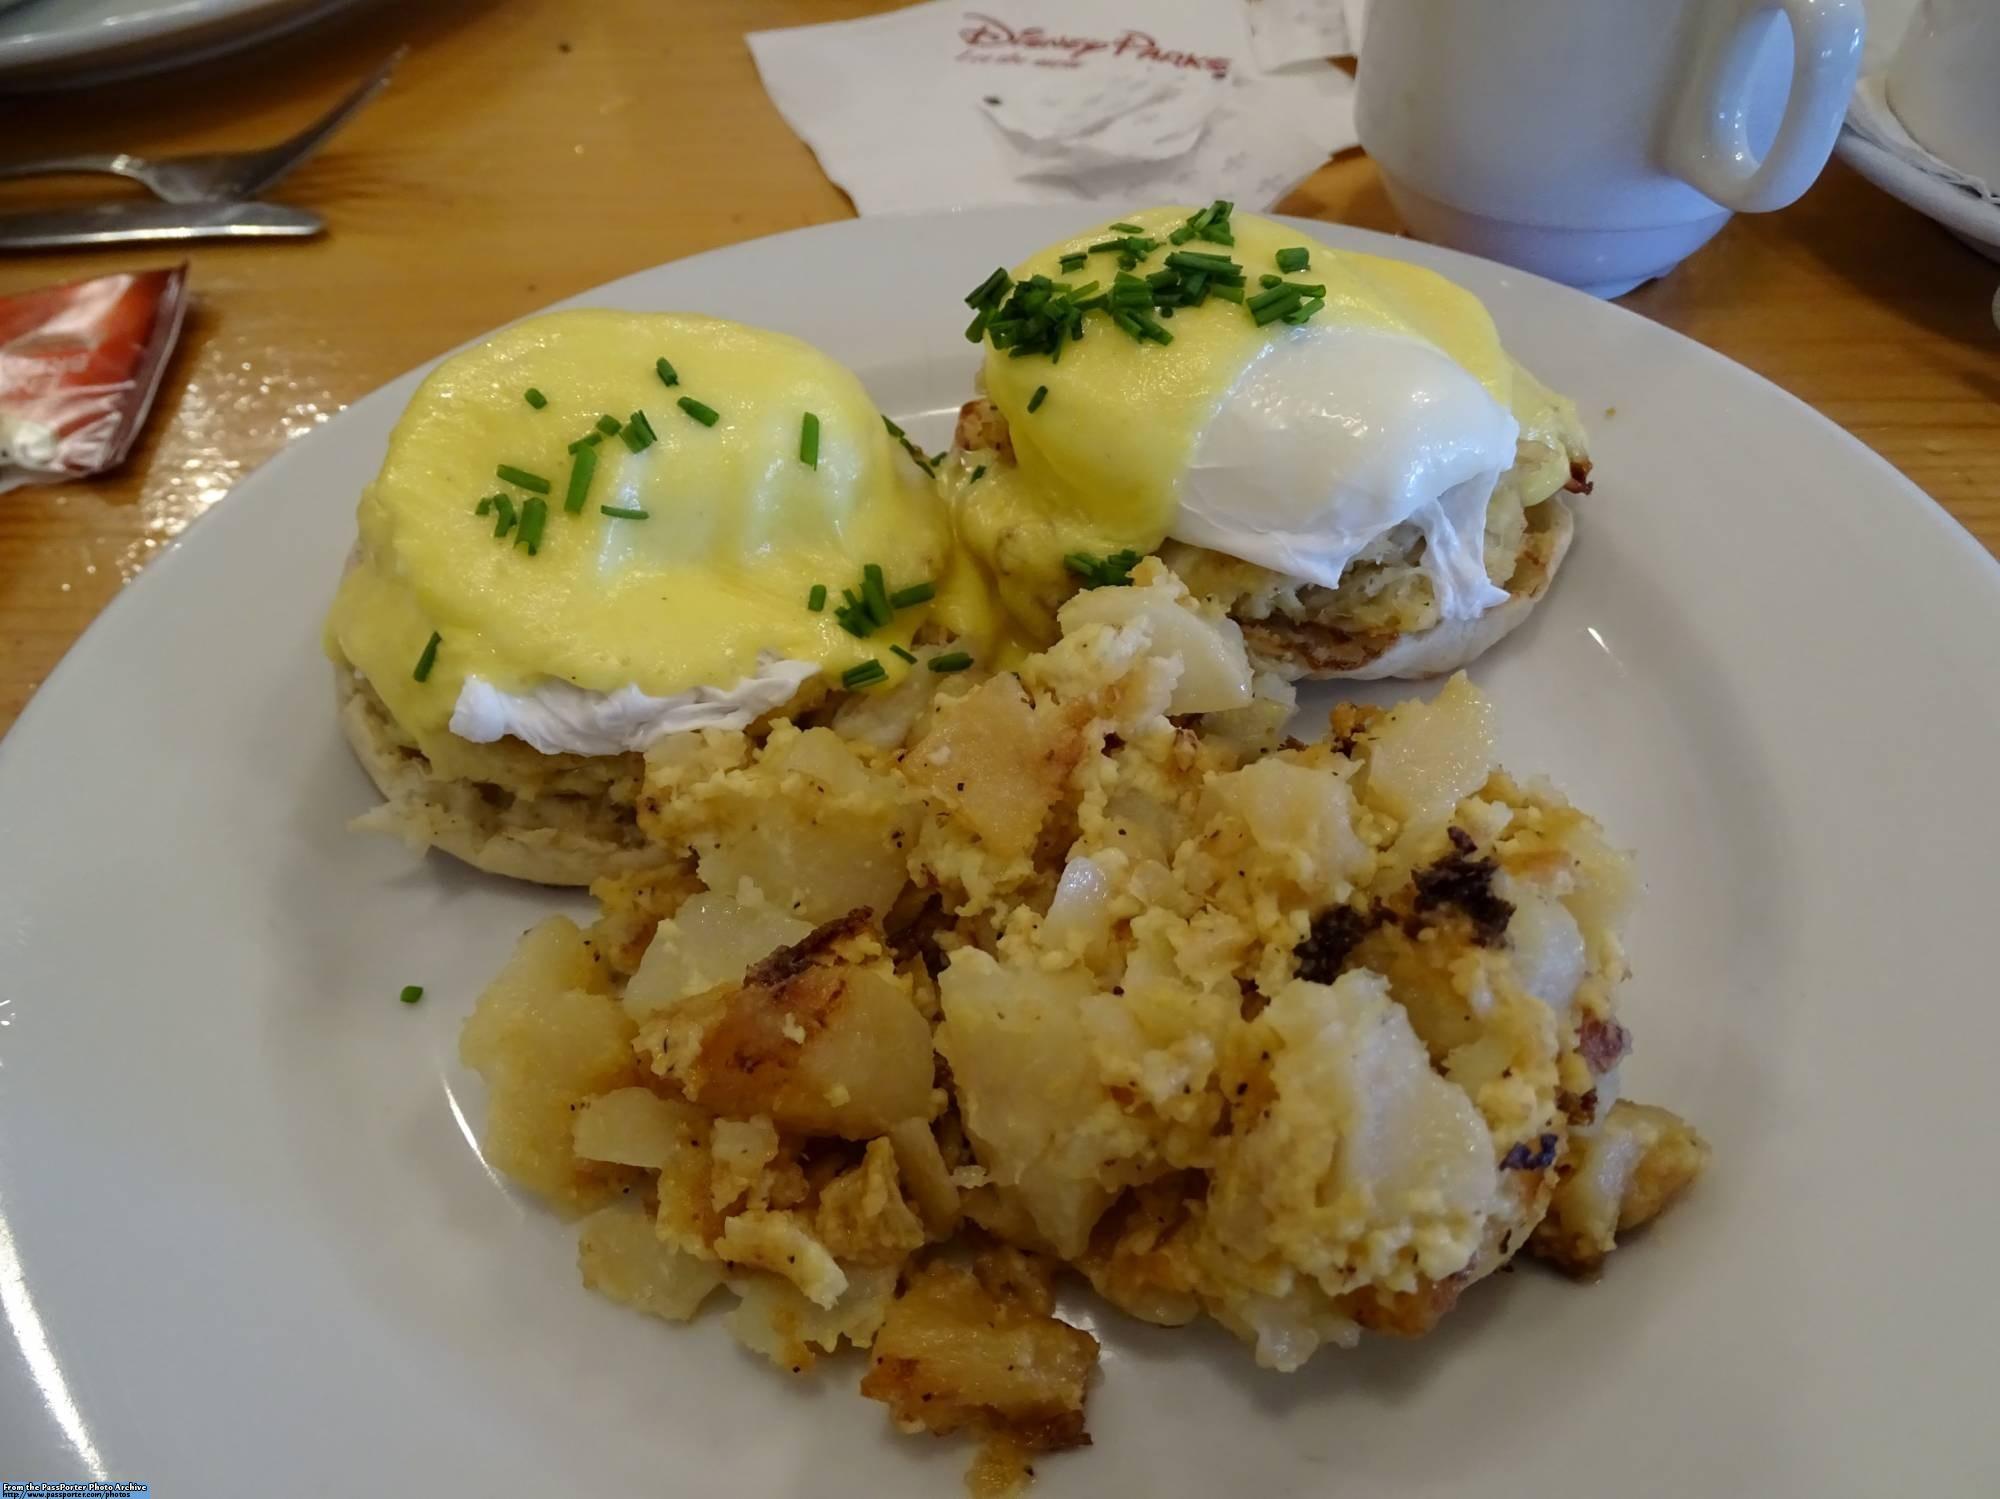 Enjoy a meal at Olivia's Cafe at Disney's Old Key West Resort | PassPorter.com